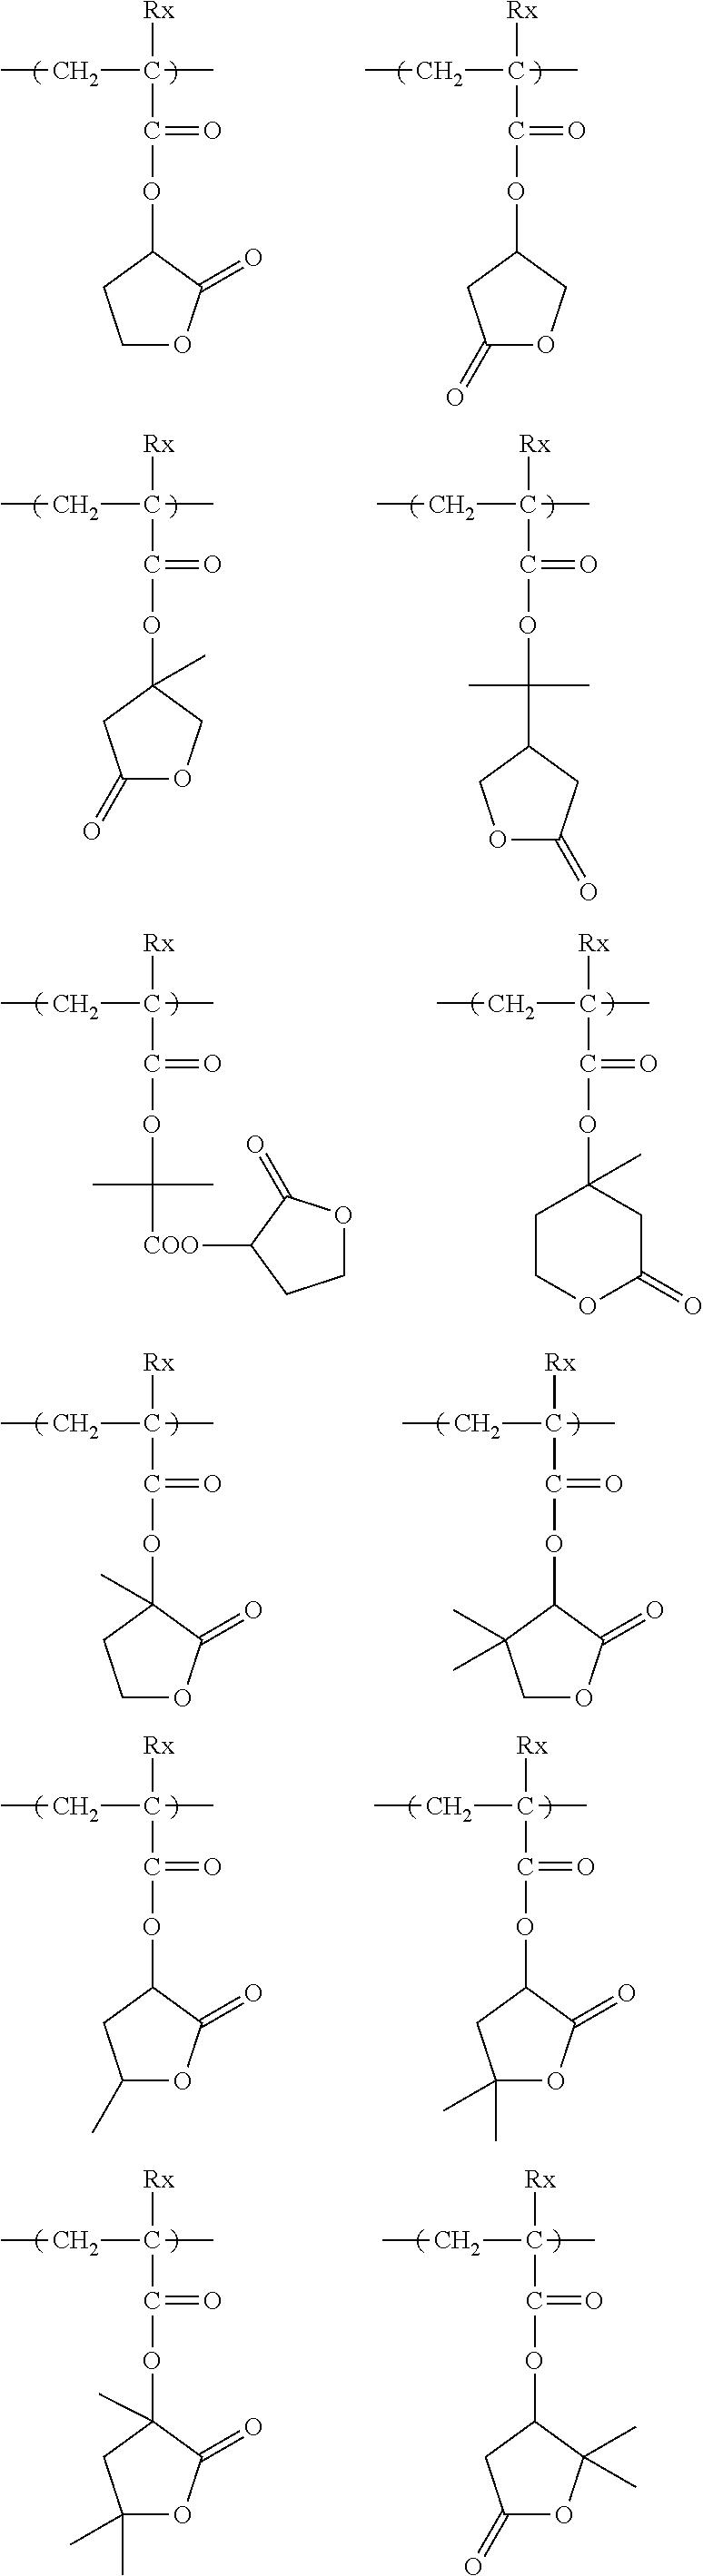 Figure US08241840-20120814-C00027